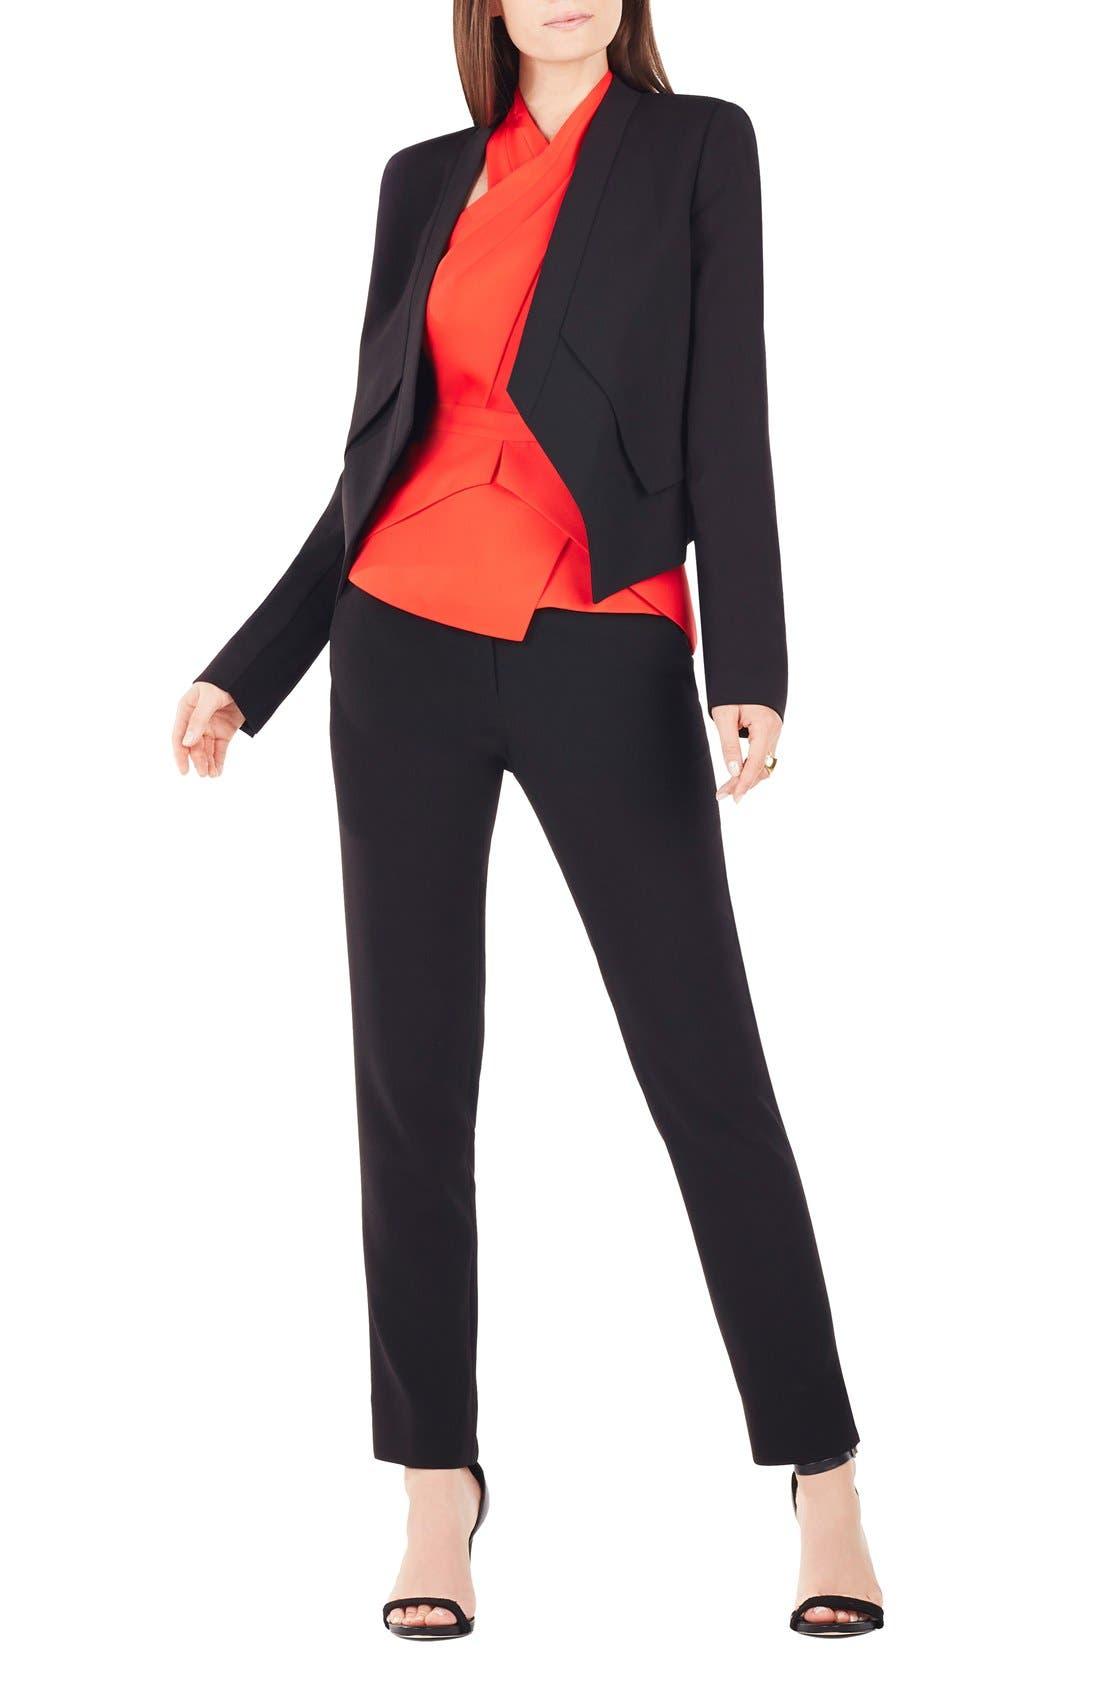 Main Image - BCBGMAXAZRIA 'Lloyd' Twill Tuxedo Jacket